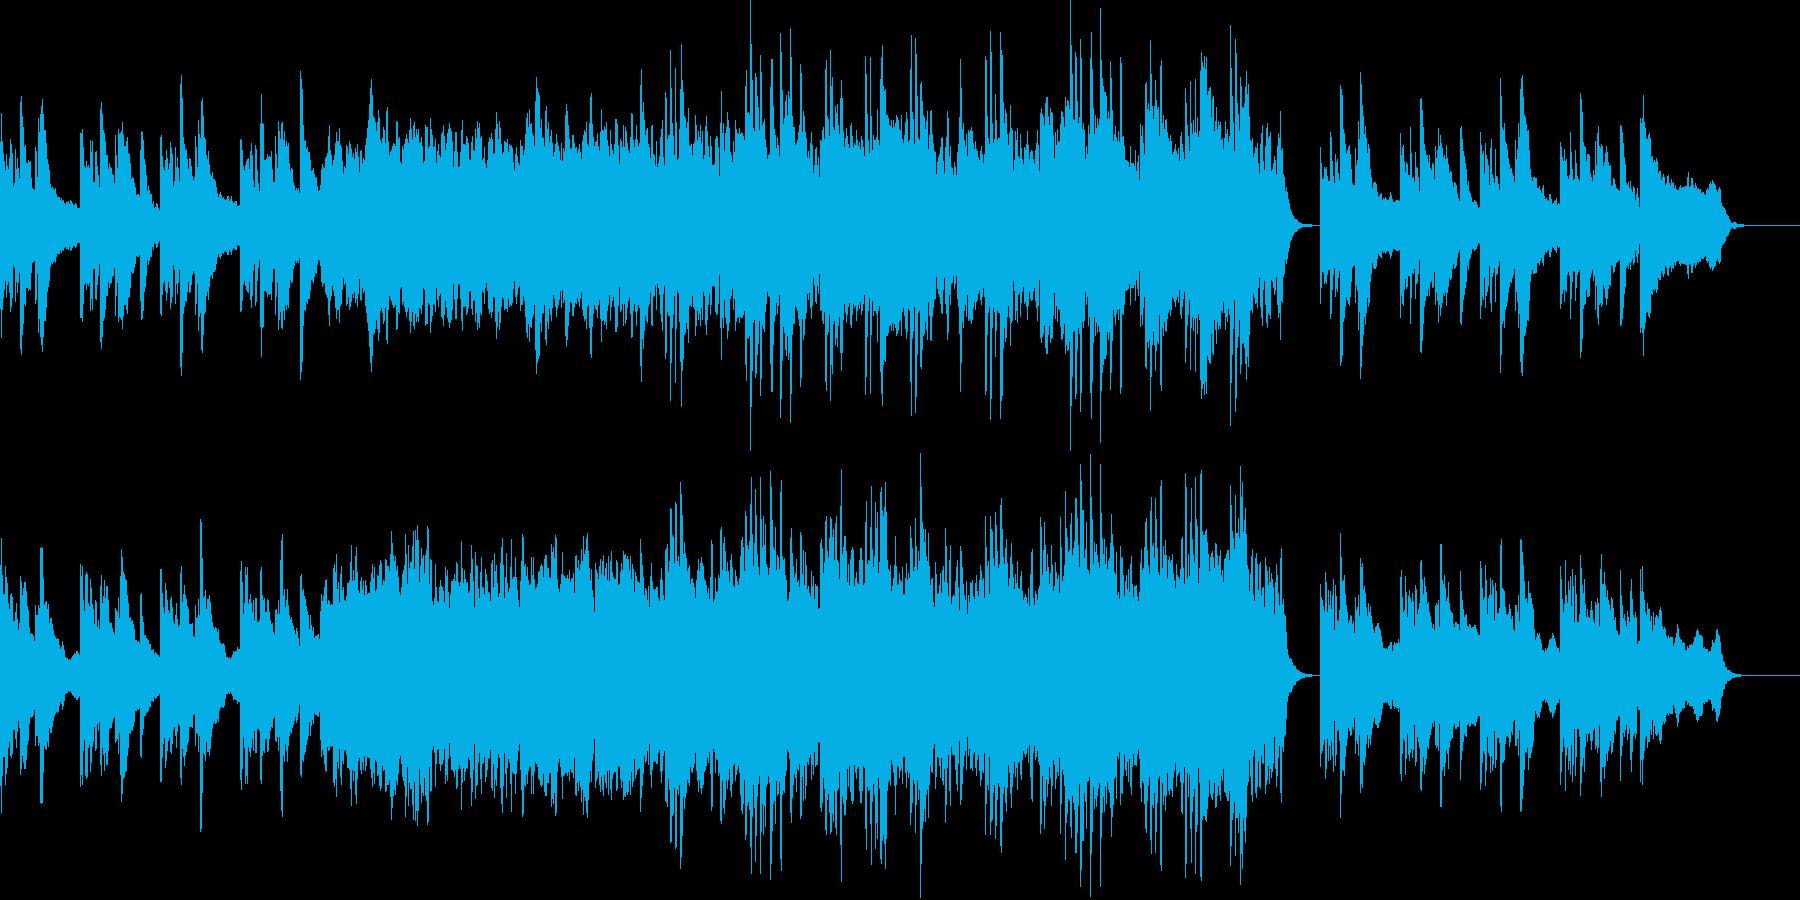 ピアノから始まり盛り上がっていくBGMの再生済みの波形